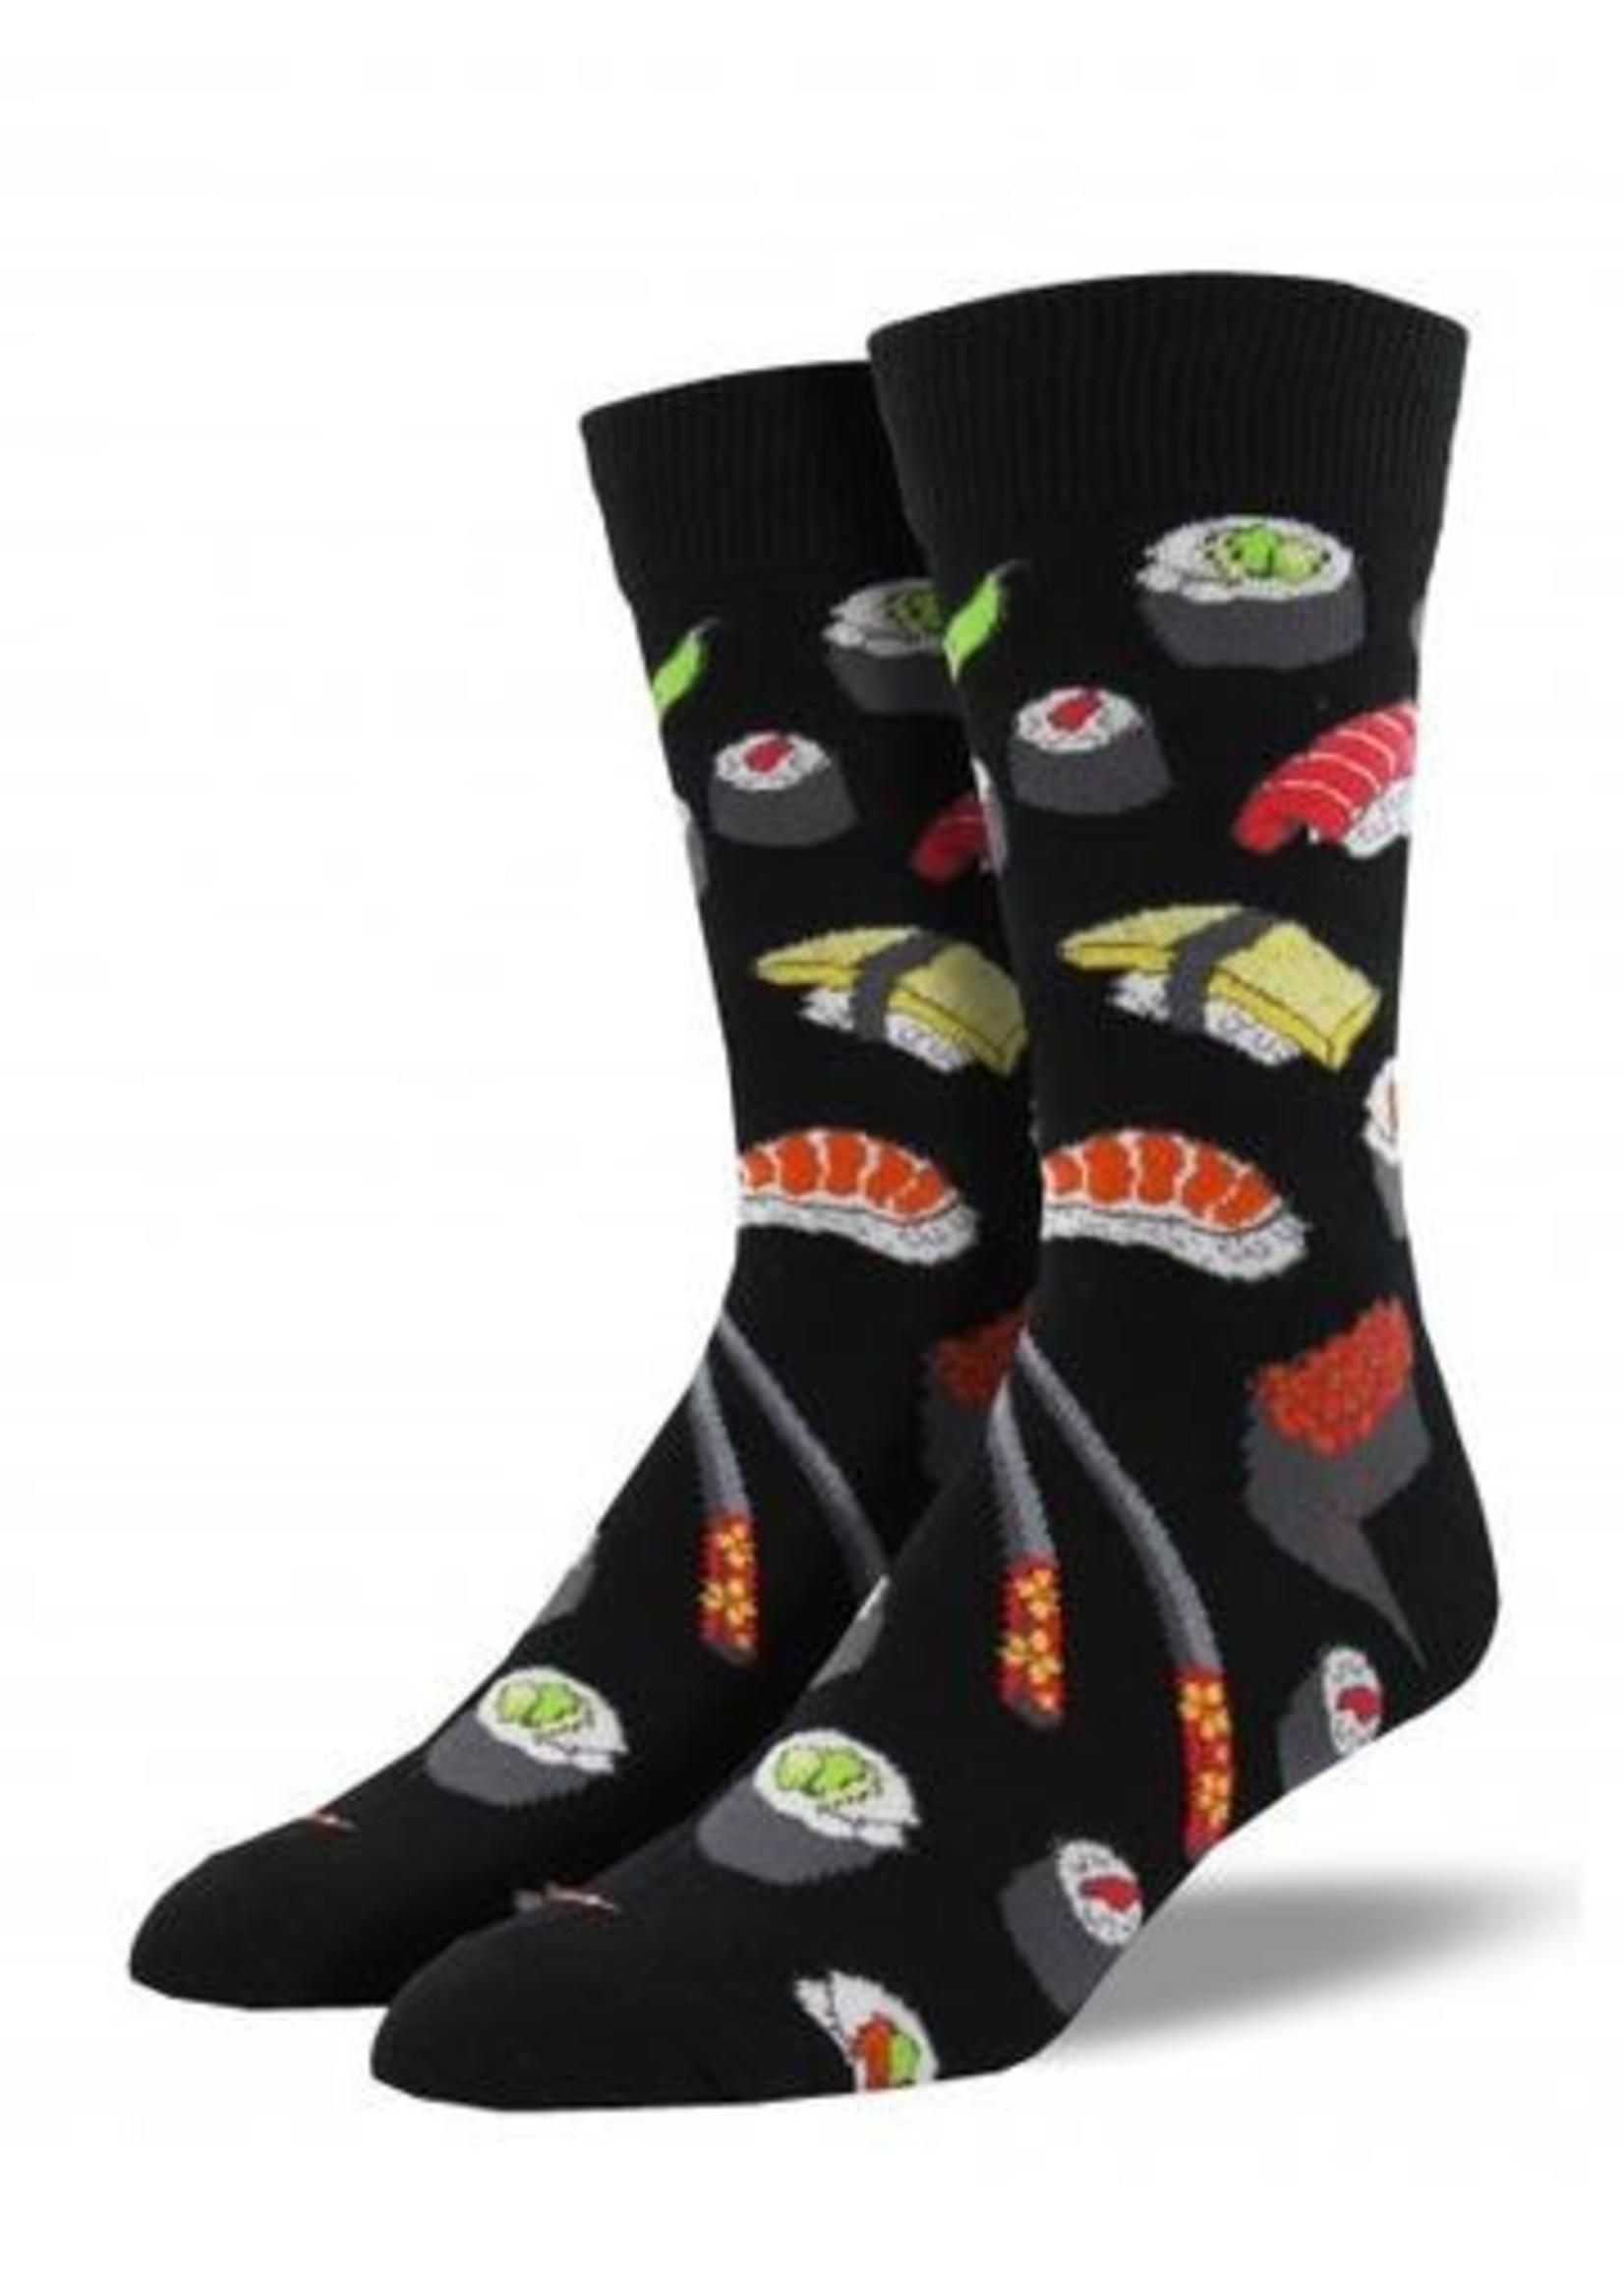 Socksmith Canada Sushi Socks